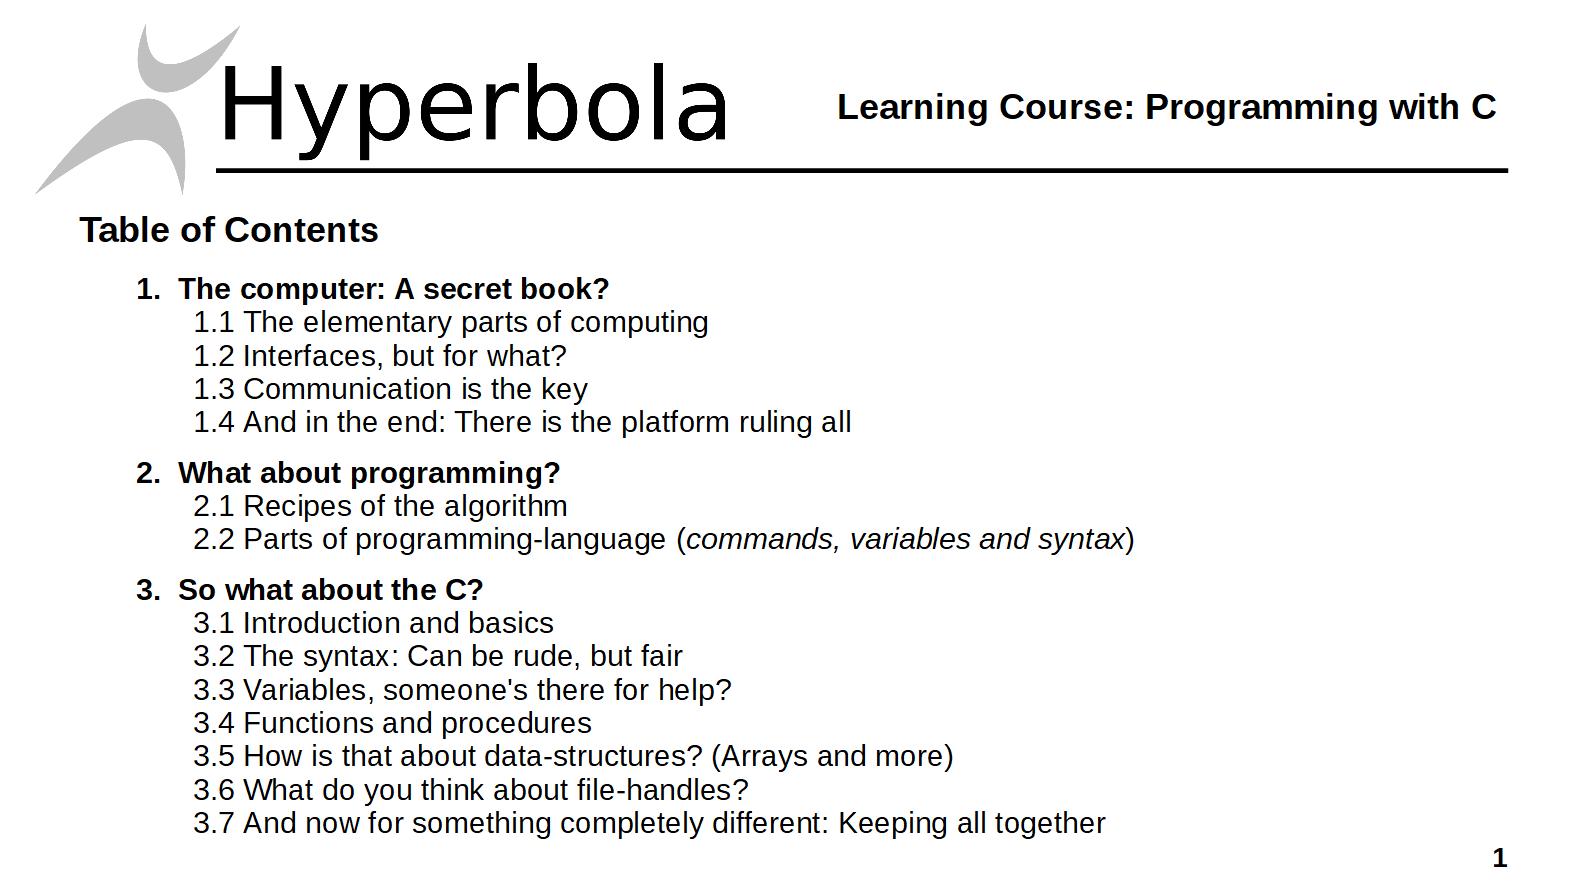 https://files.catbox.moe/9218qd.png